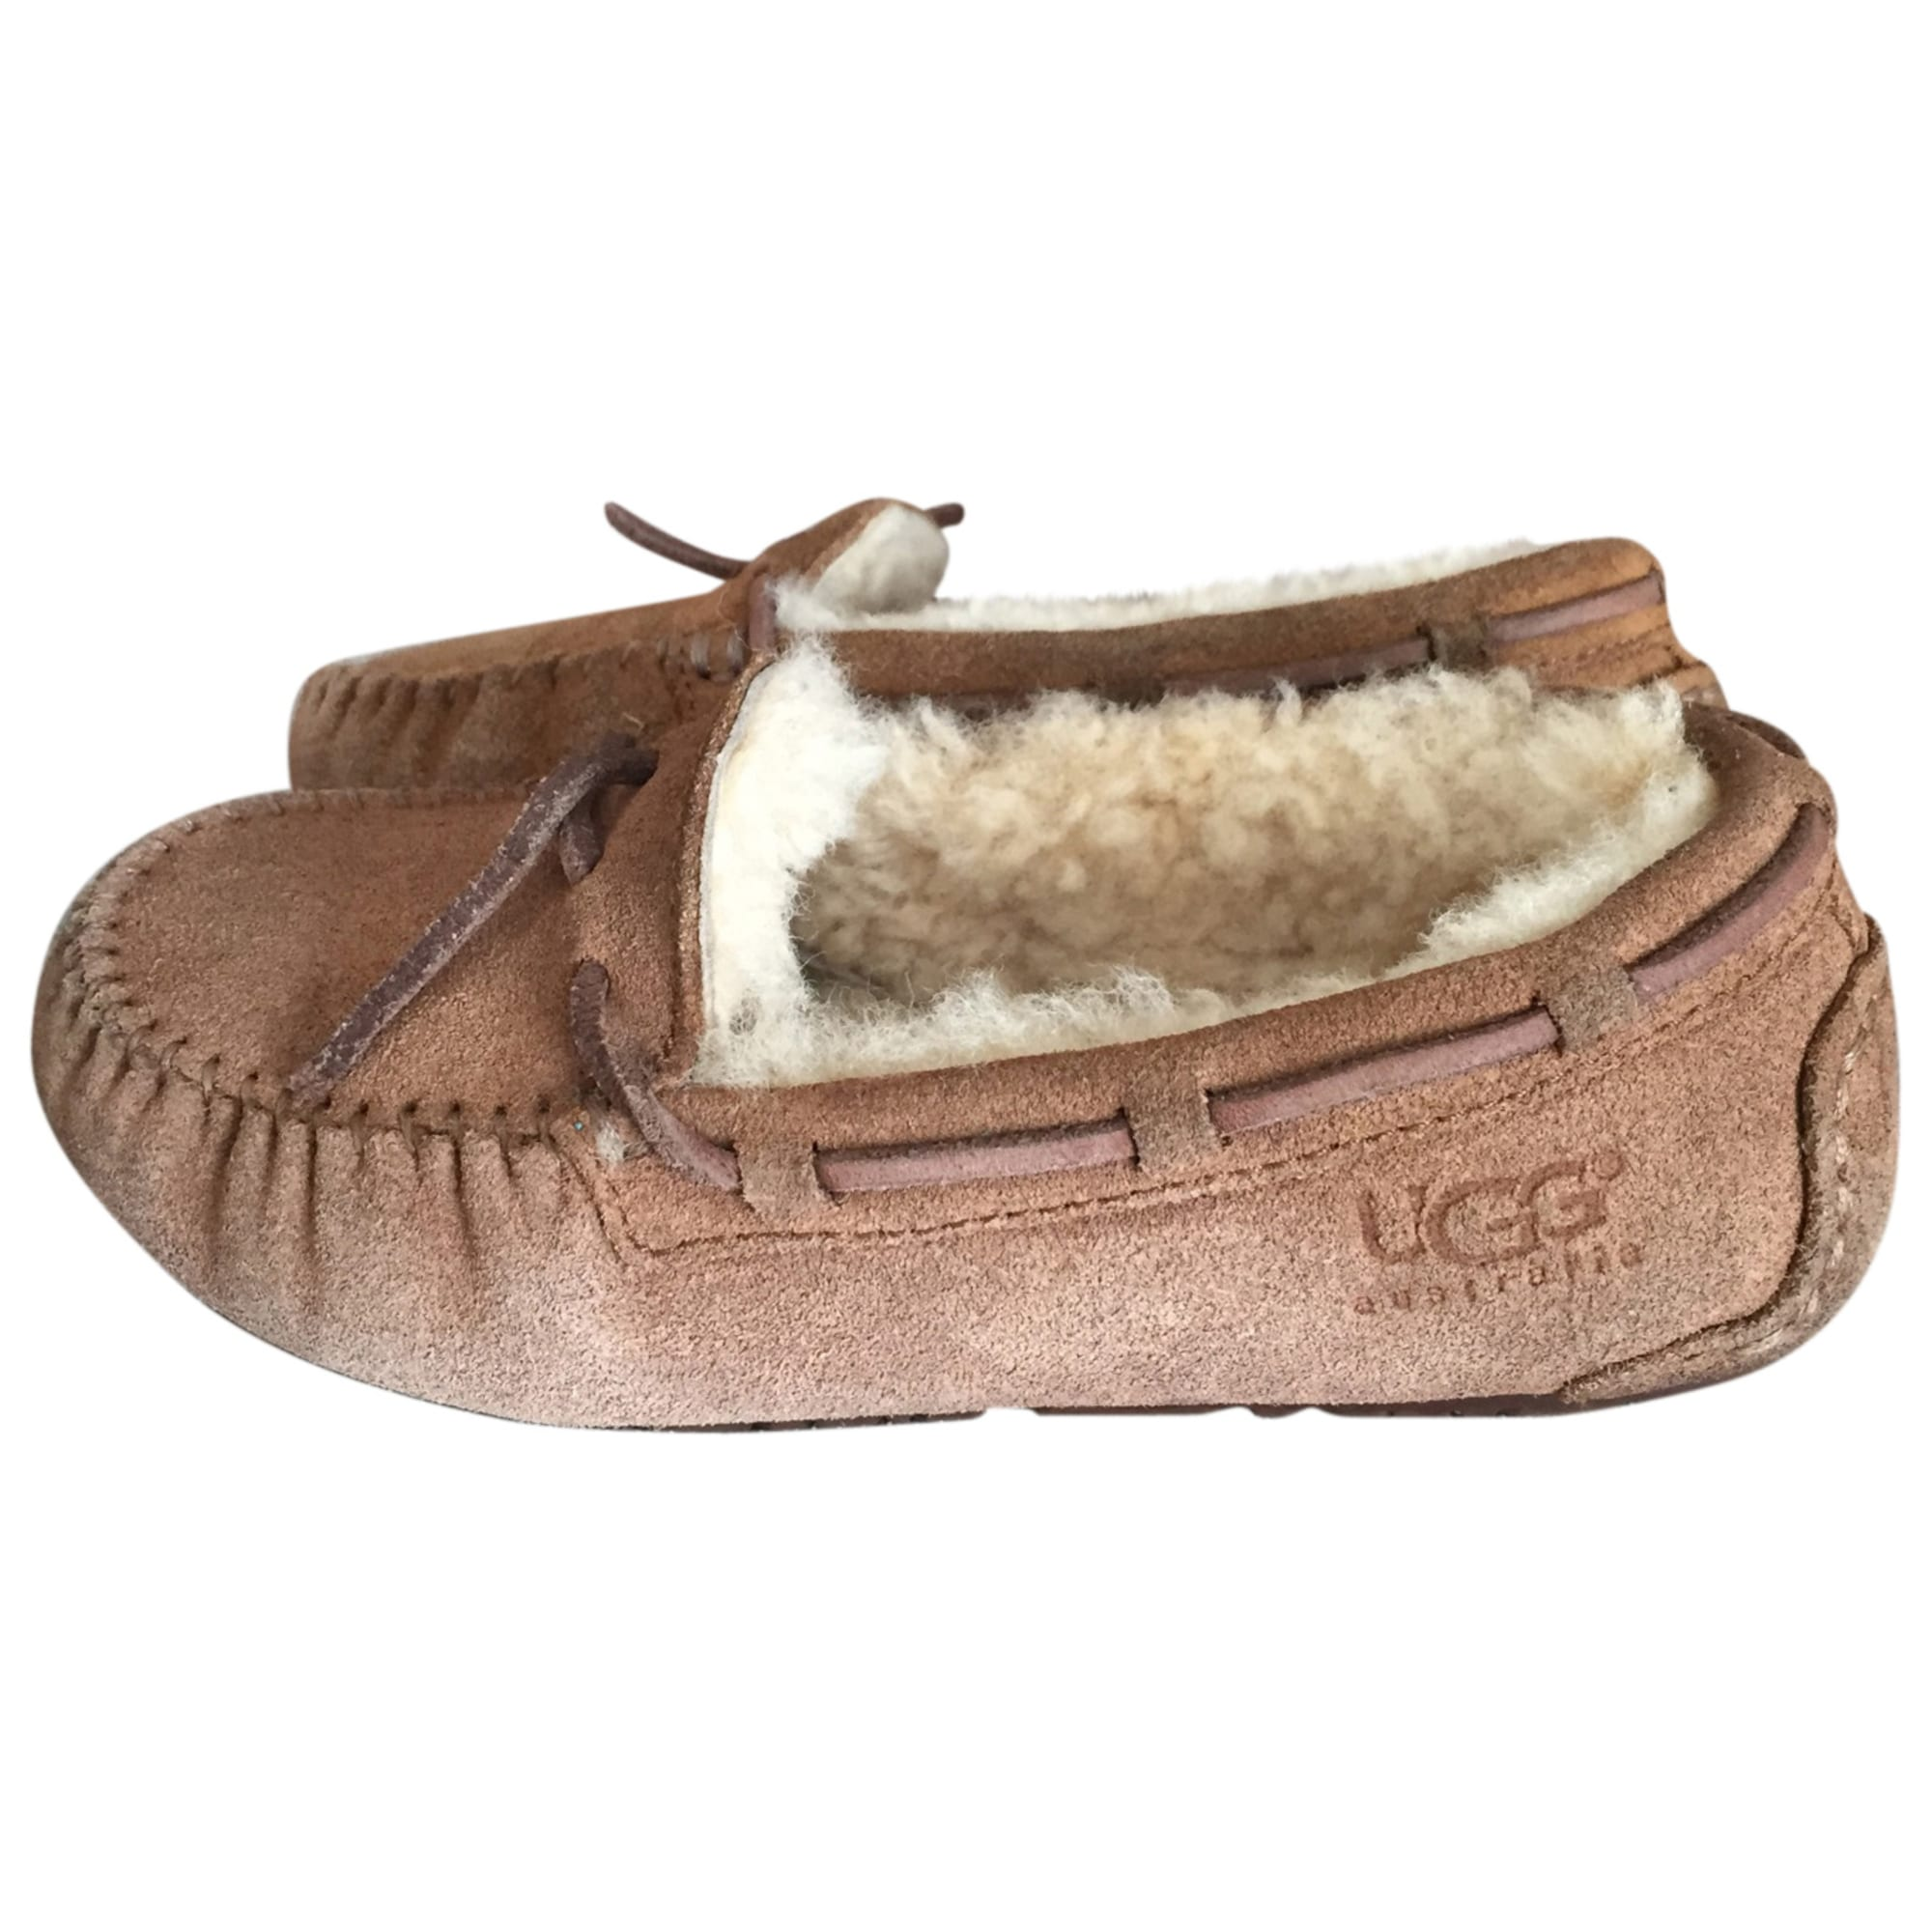 Loafers ugg beige camel jpg 2000x2000 Ugg loafers 3fc39132e